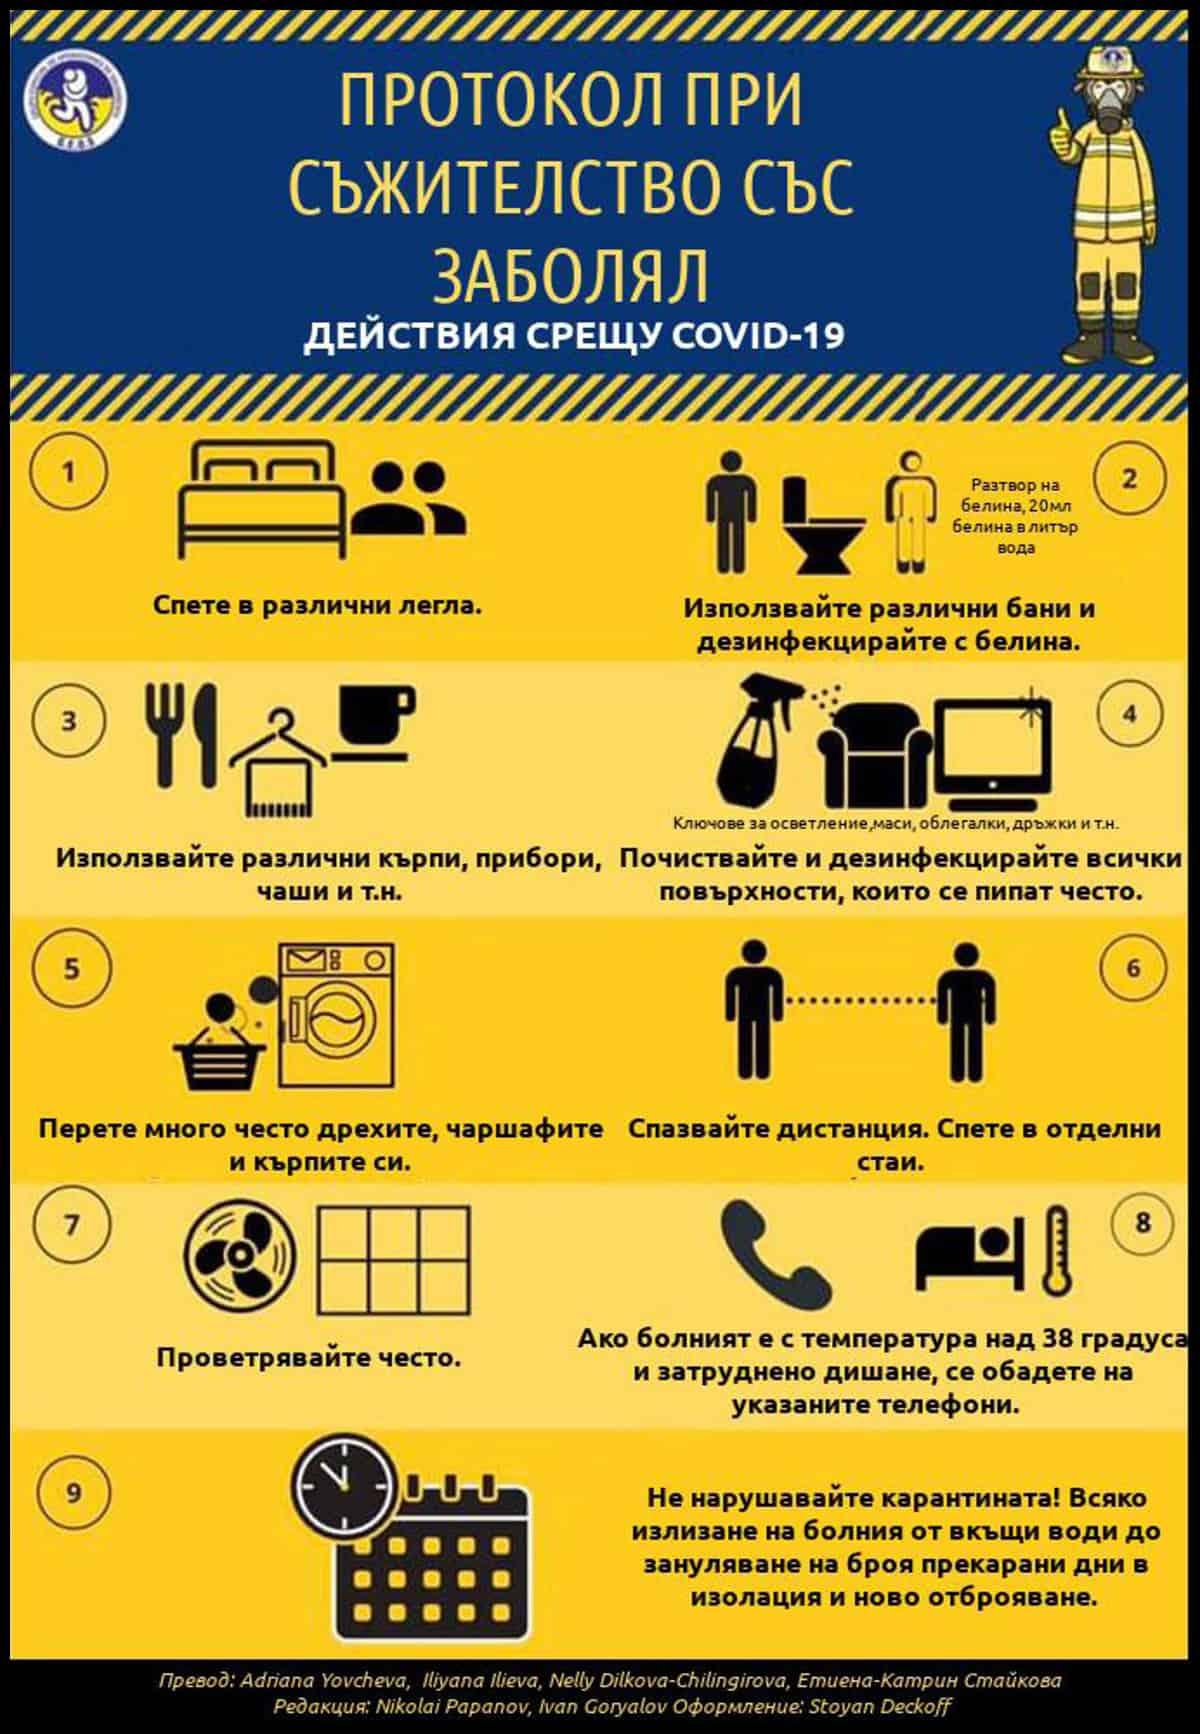 правила за защита от коронавирус при съжителство със заболял